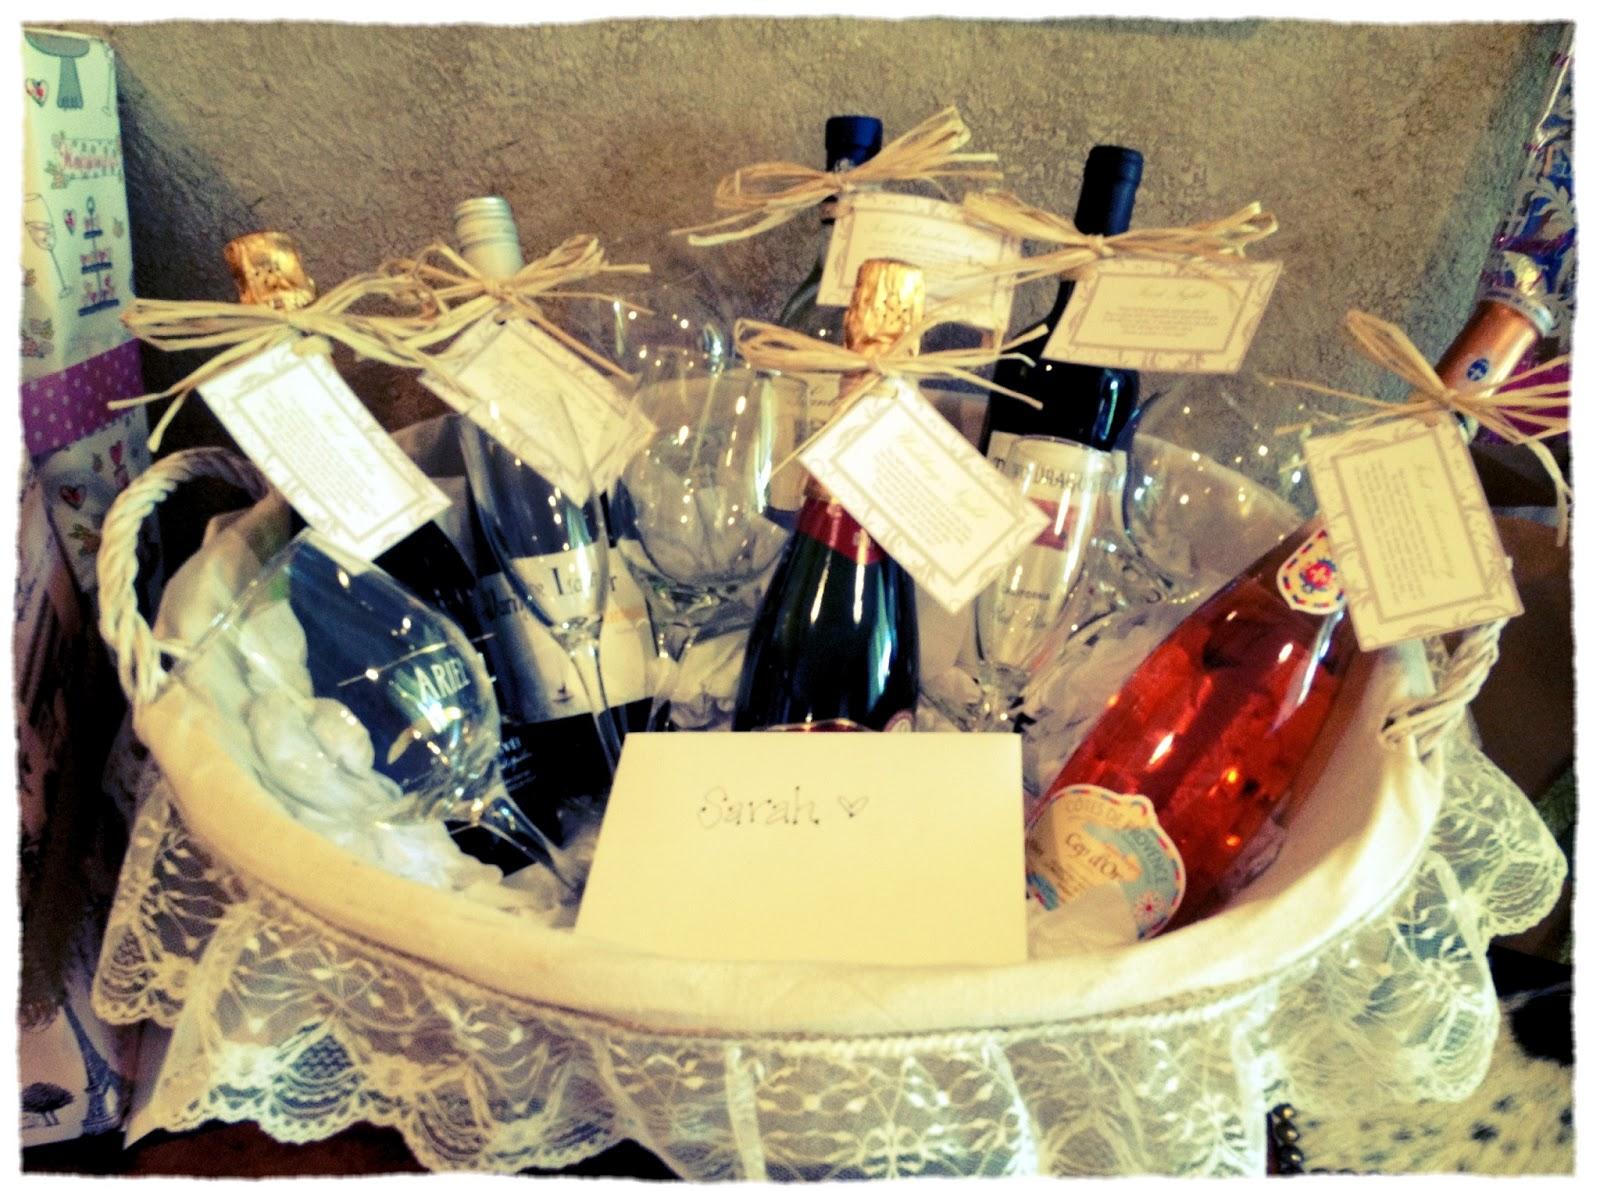 Diy Bridal Shower Gift Basket : Diy Wedding Gift Baskets Its a wine gift basket with